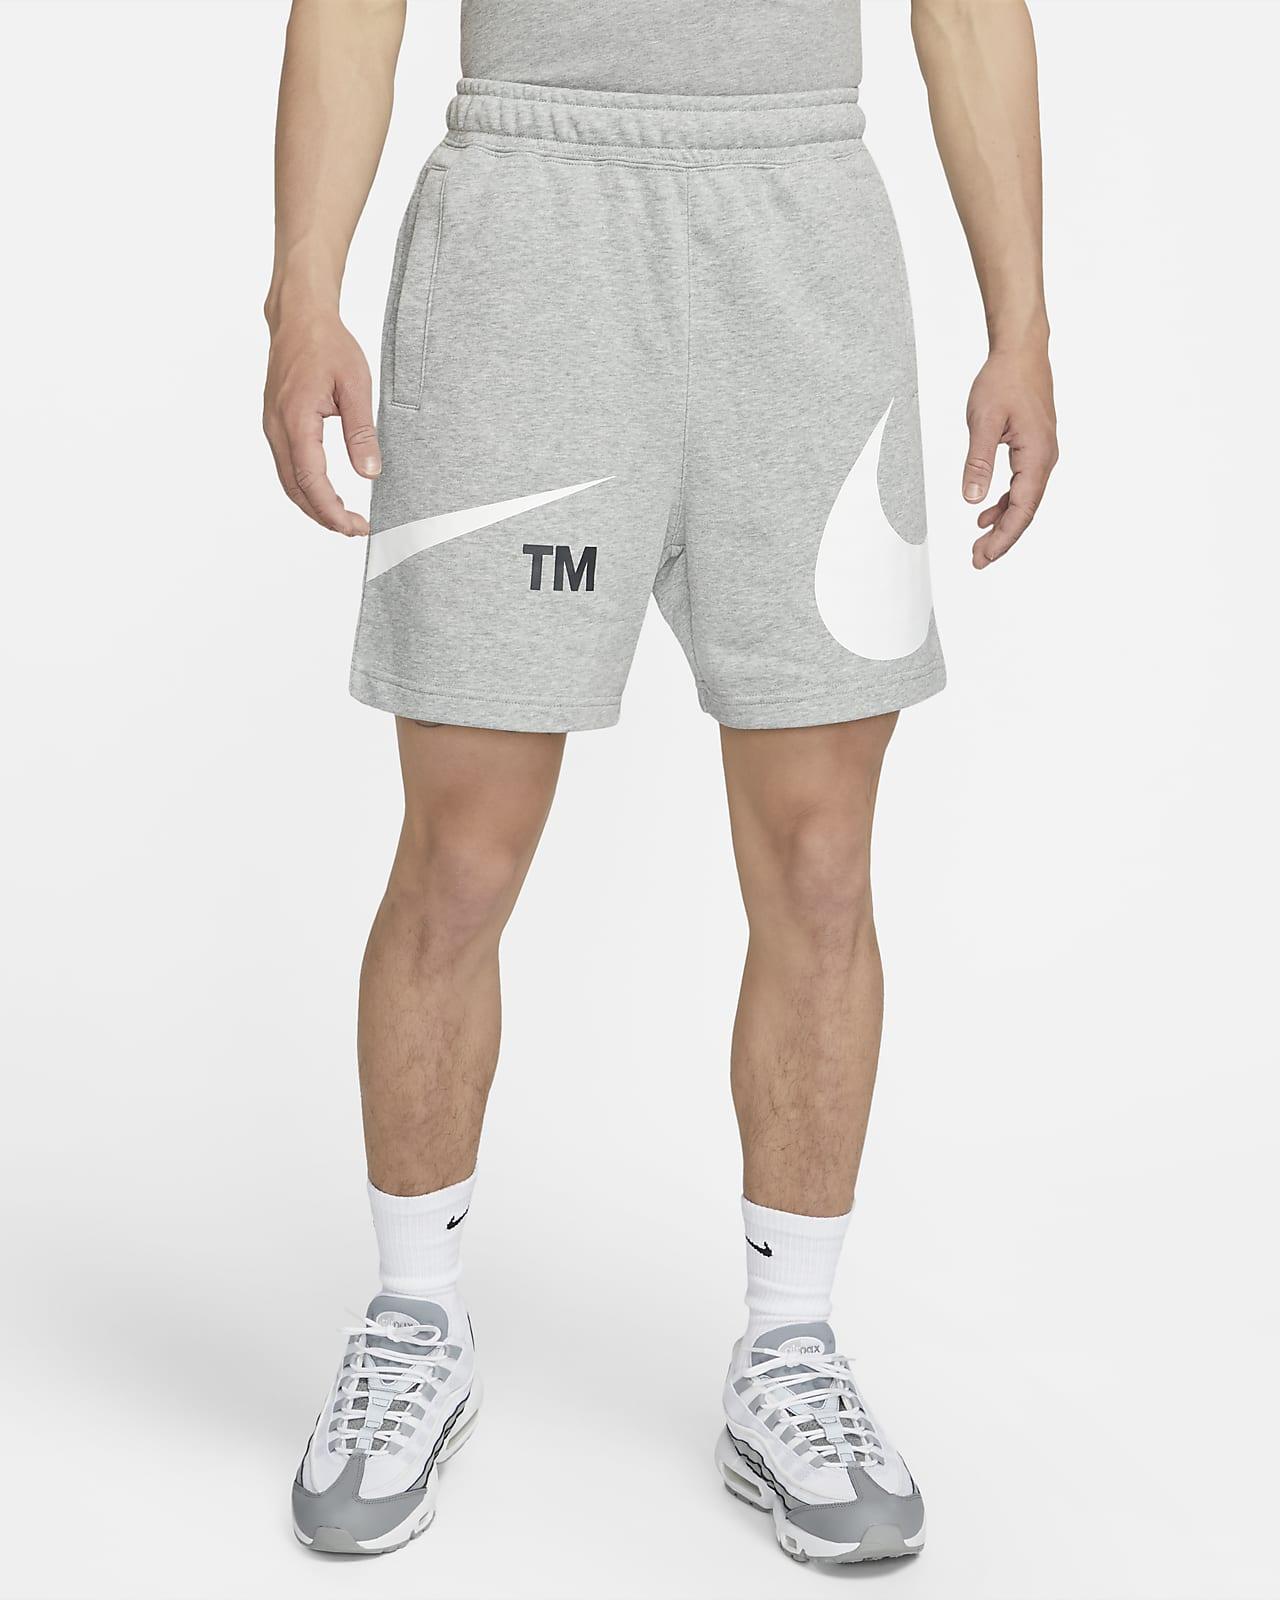 ナイキ スポーツウェア スウッシュ メンズ フレンチ テリー ショートパンツ